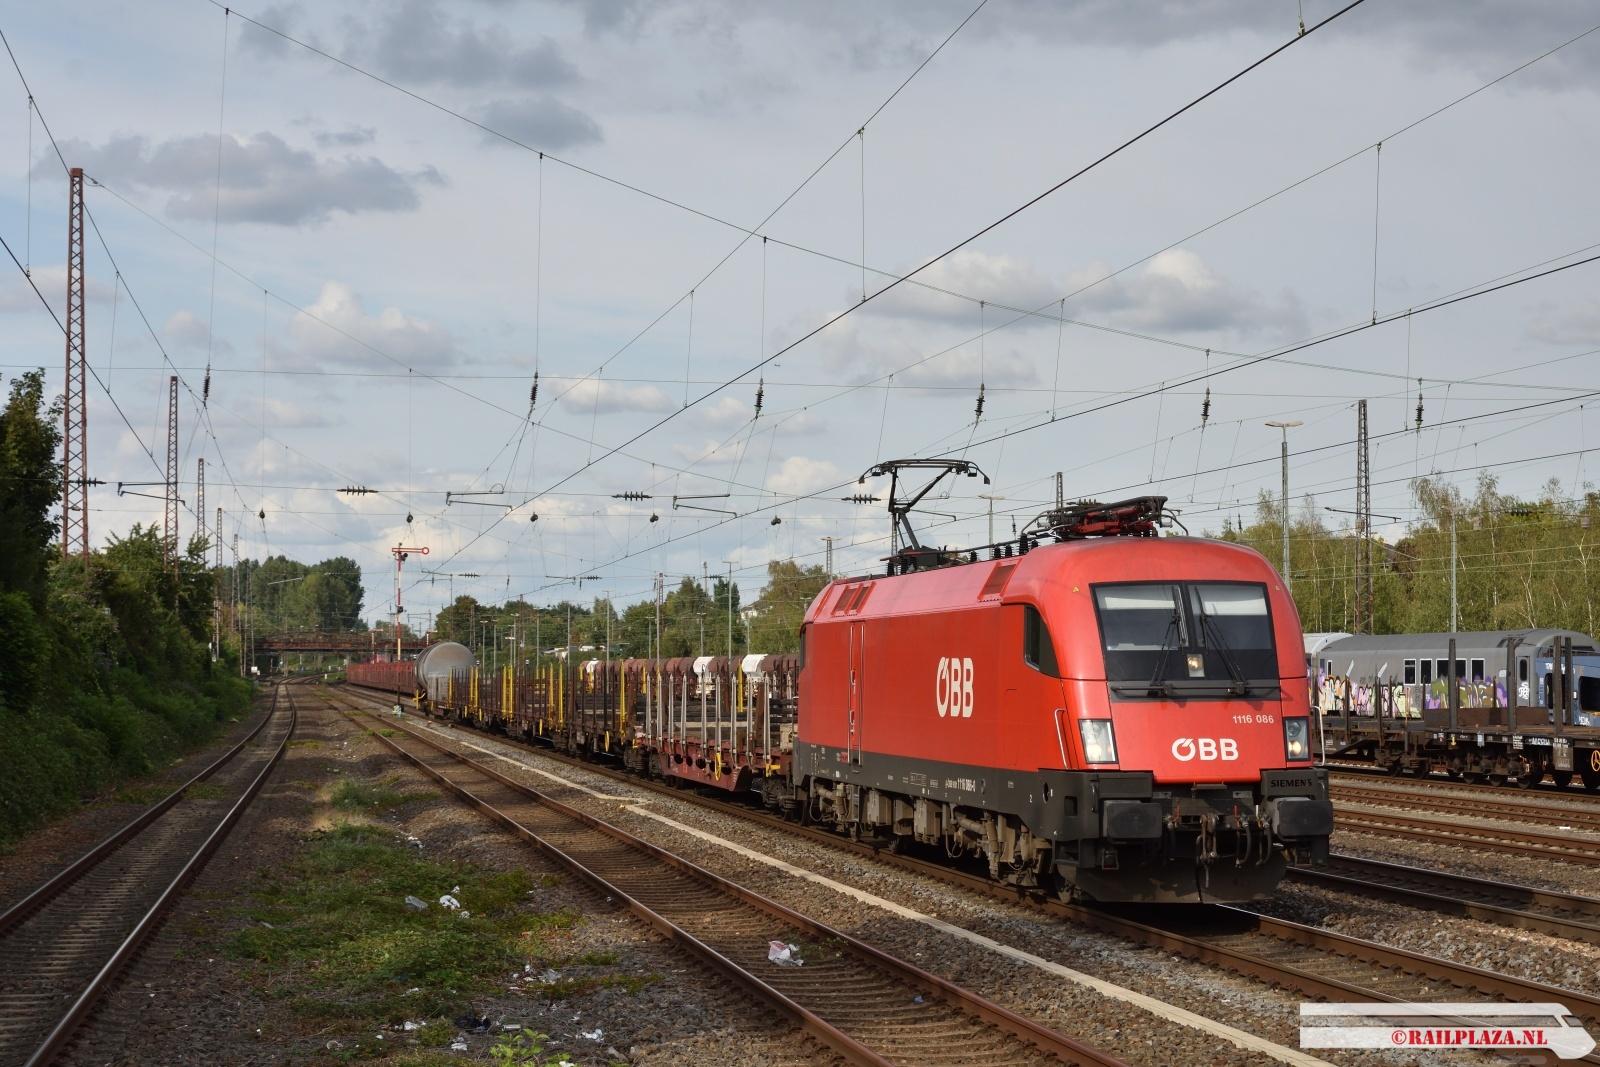 1116 086 - Düsseldorf Rath